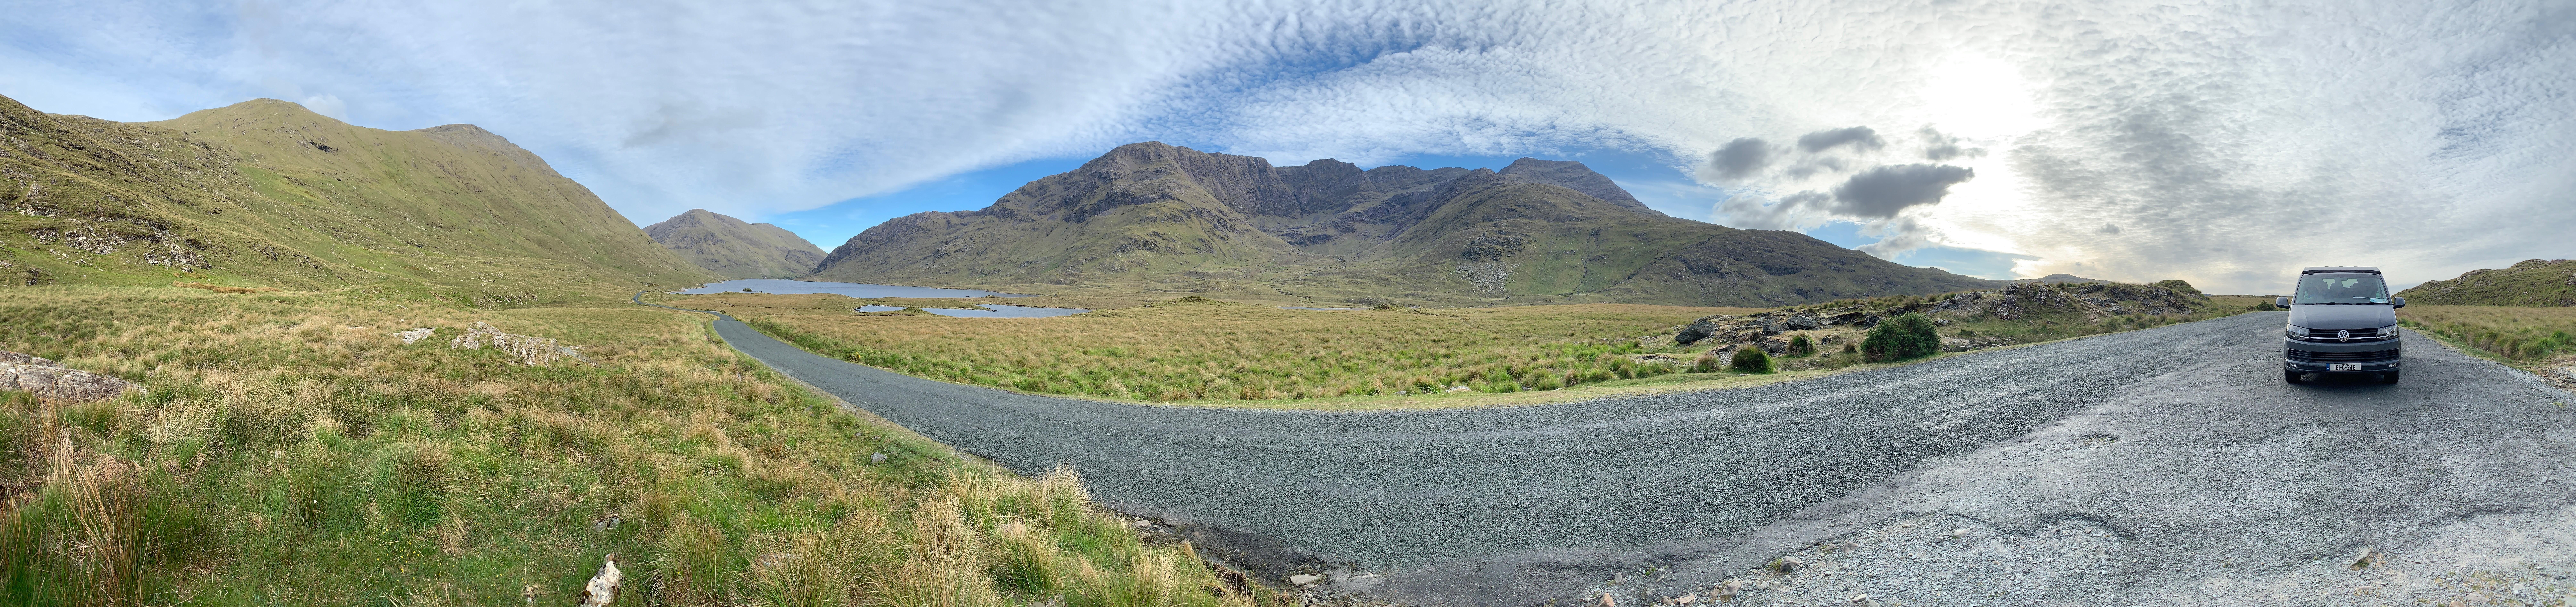 Flint Camper Doo Lough Mountain Pass Ireland